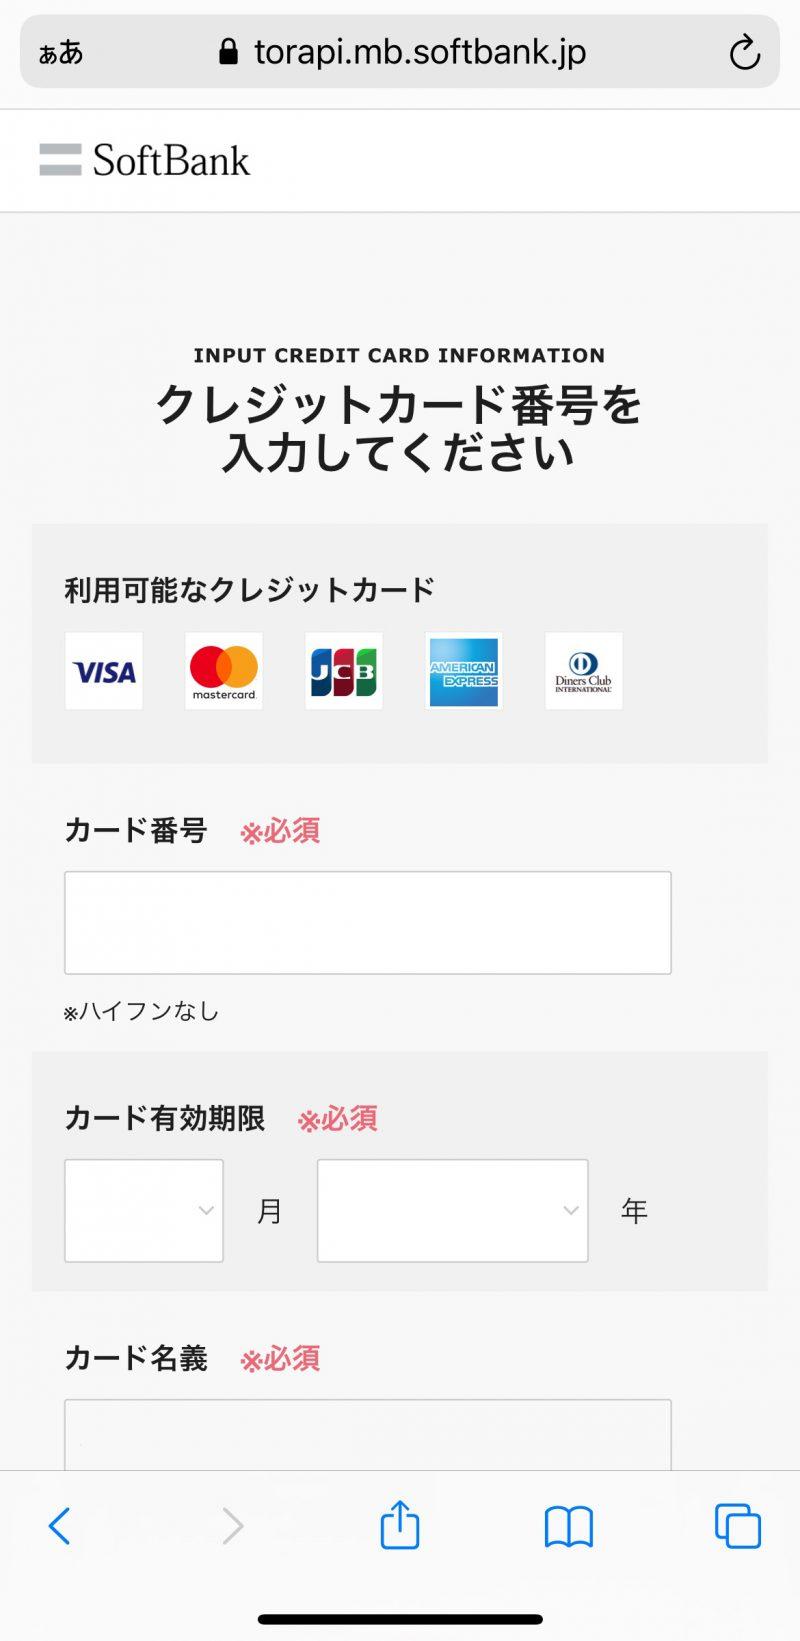 ソフトバンクエアーの支払方法選択手順